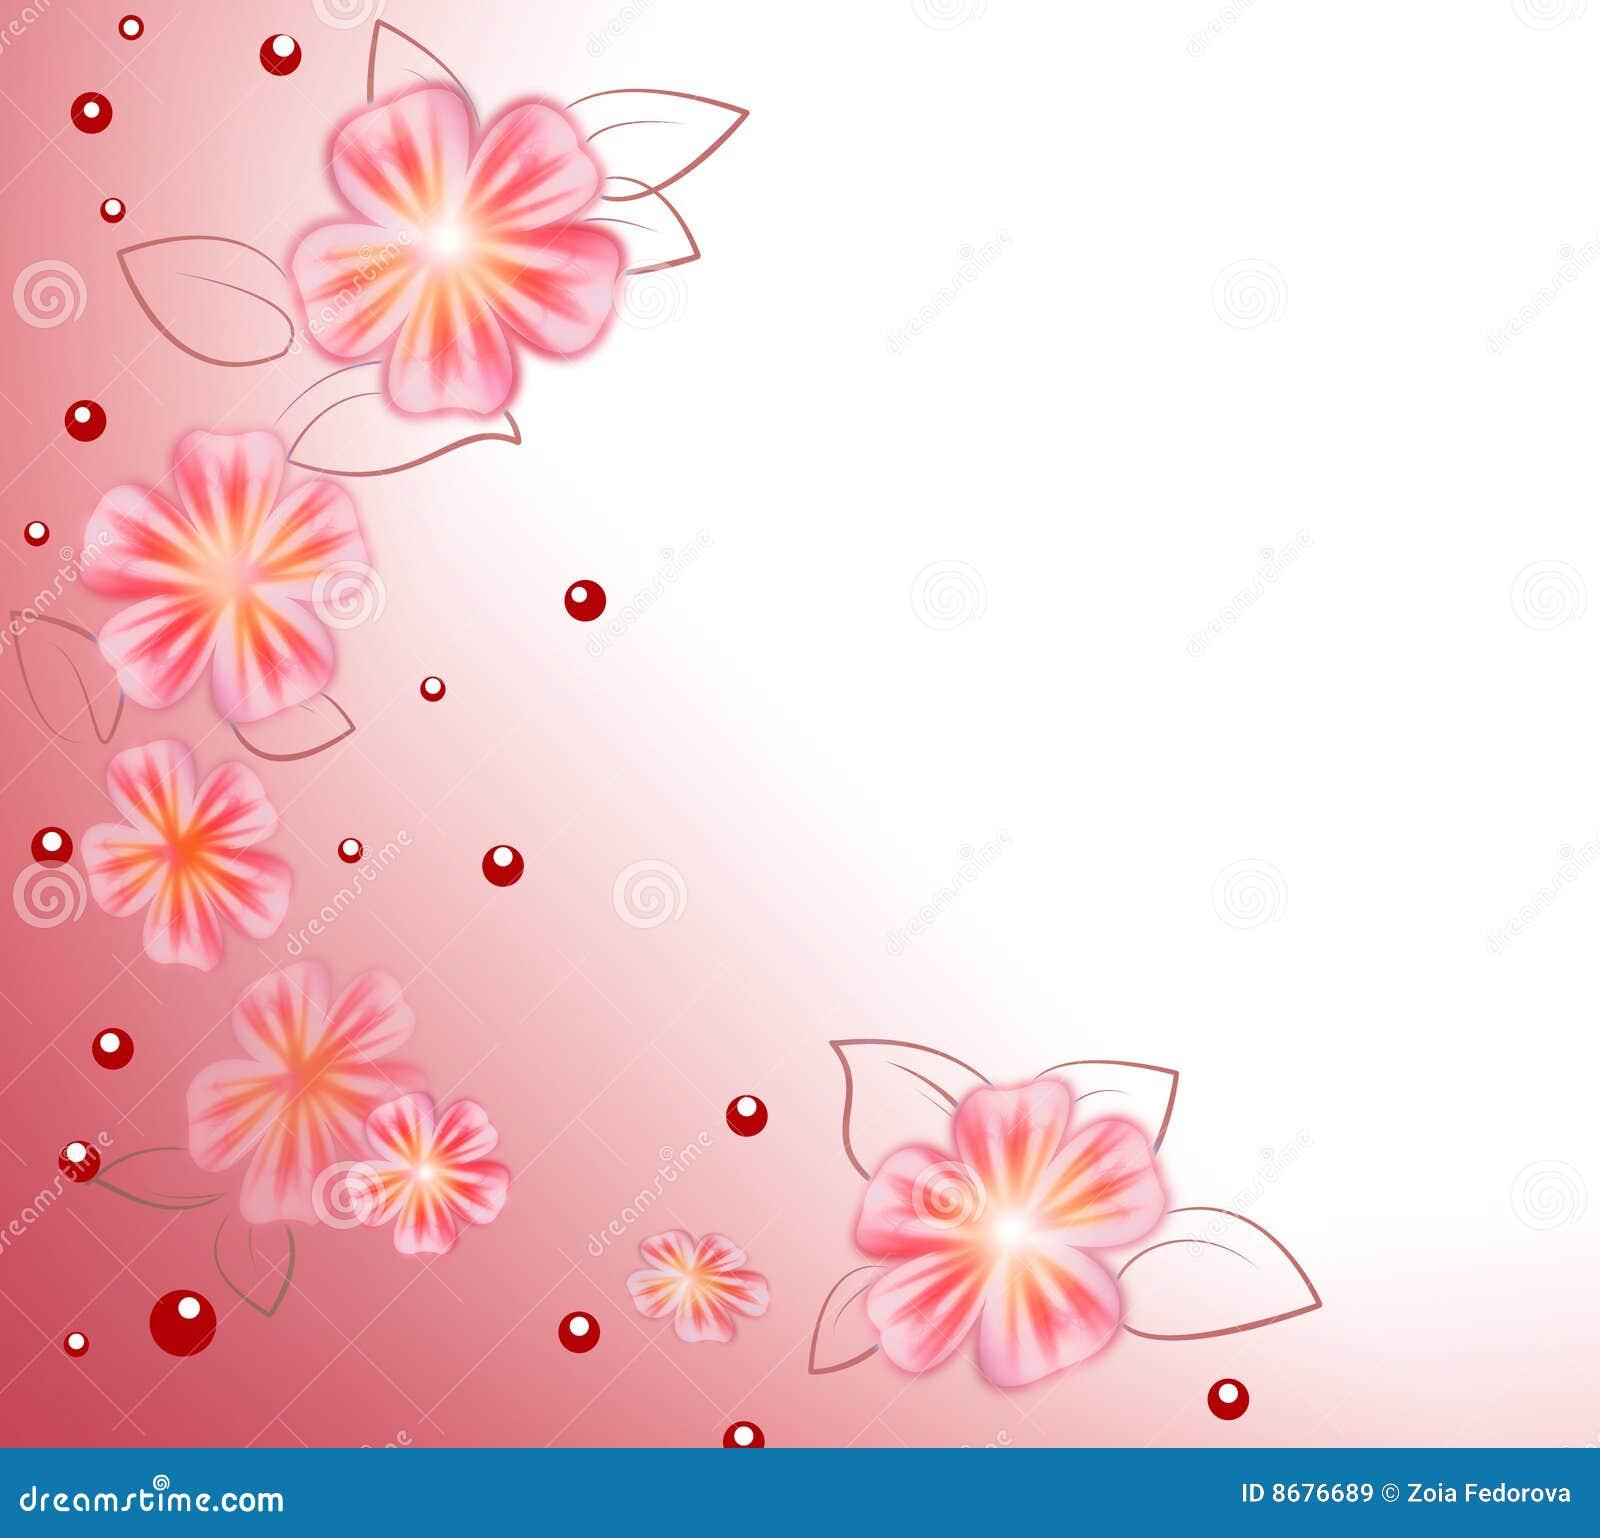 Pink Flower Background Stock Illustration Illustration Of